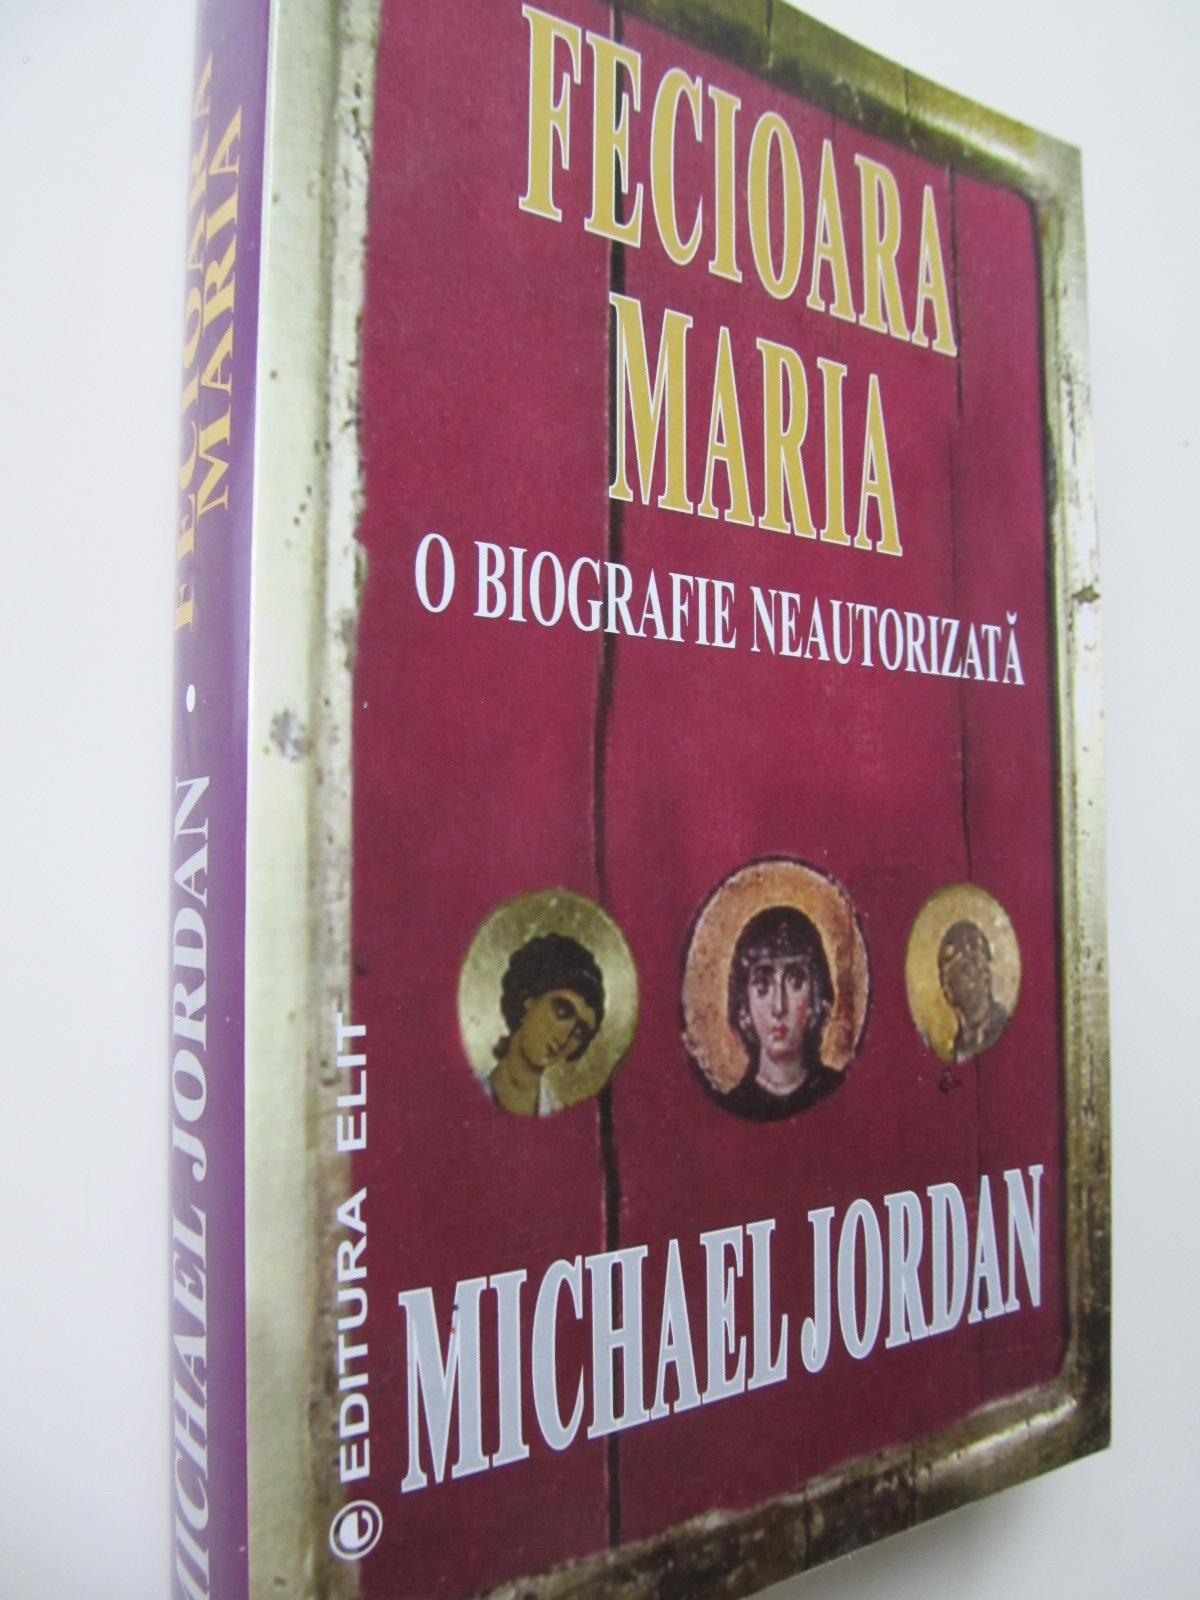 Fecioara Maria o biografie neautorizata - Michael Jordan | Detalii carte